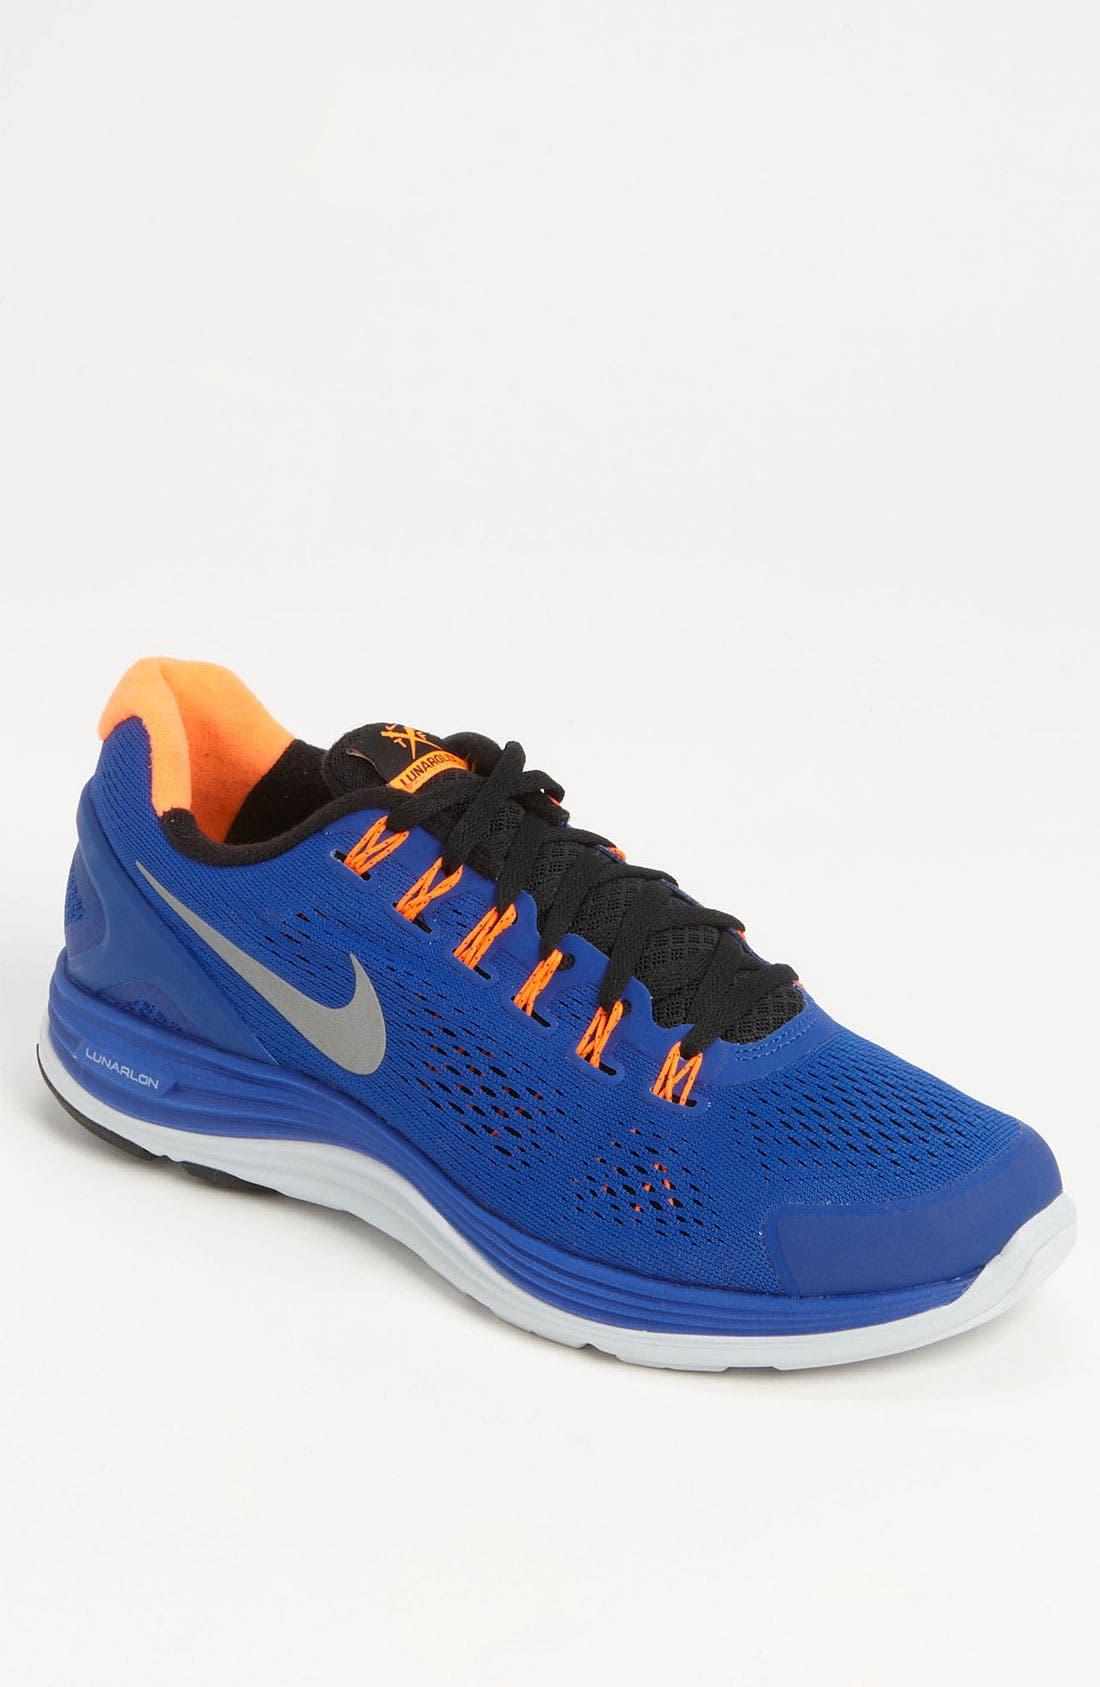 Alternate Image 1 Selected - Nike 'LunarGlide+ 4' Running Shoe (Men)